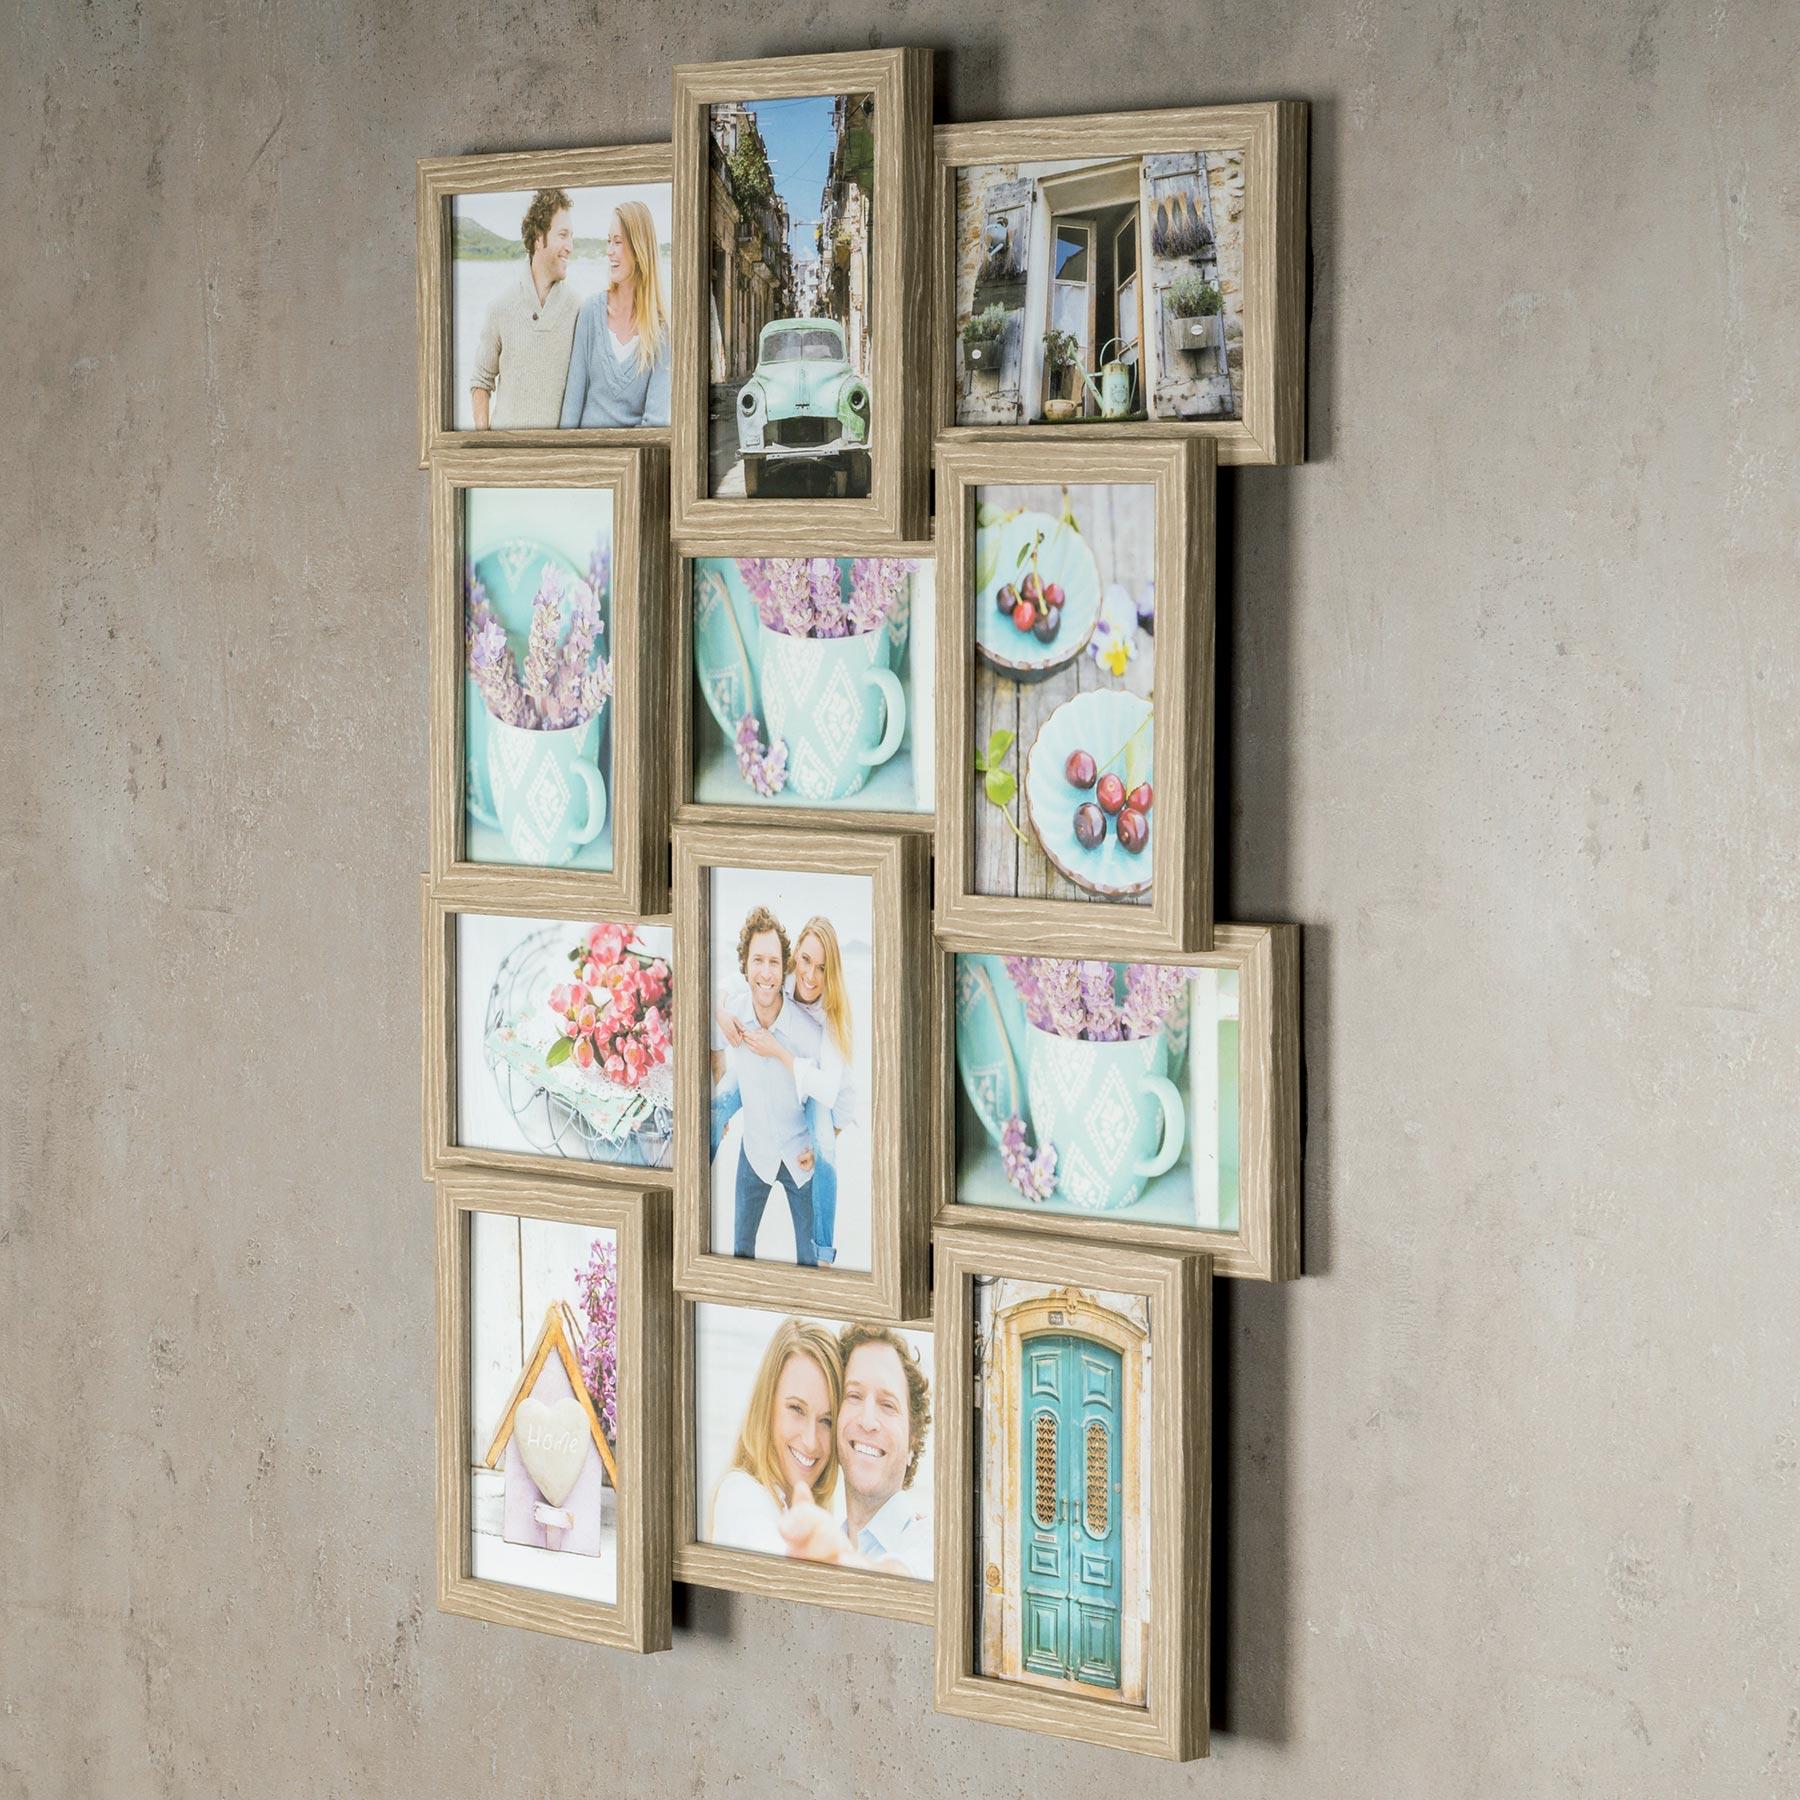 levandeo bilderrahmen collage 45x58cm 12 fotos 10x15 eiche gek lkt mdf holz glas kaufen bei. Black Bedroom Furniture Sets. Home Design Ideas